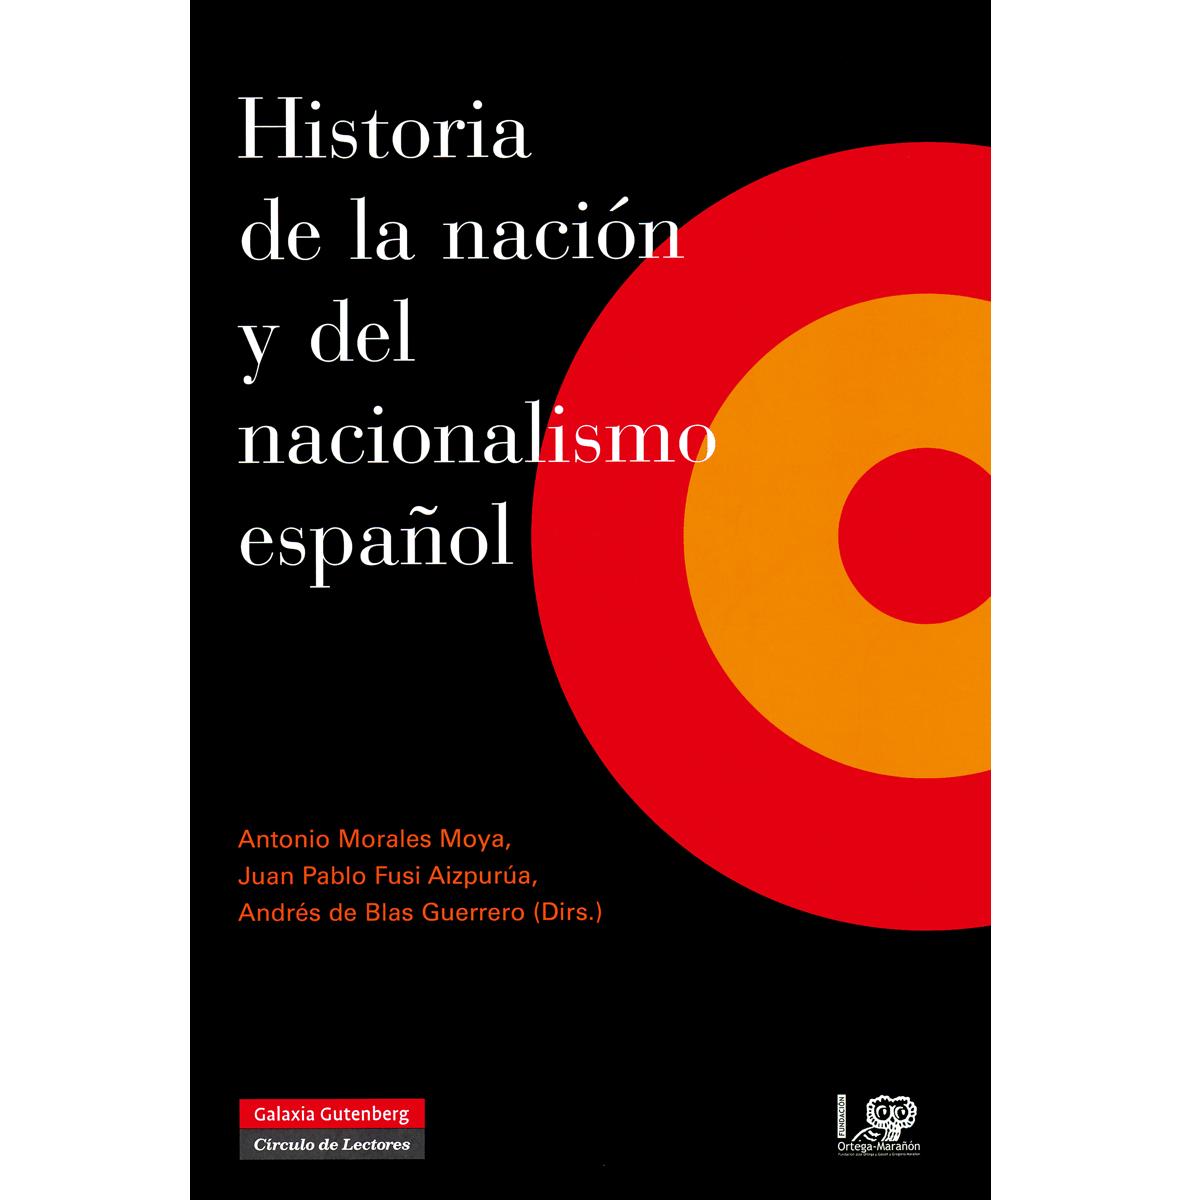 Historia de la nación y del nacionalismo español